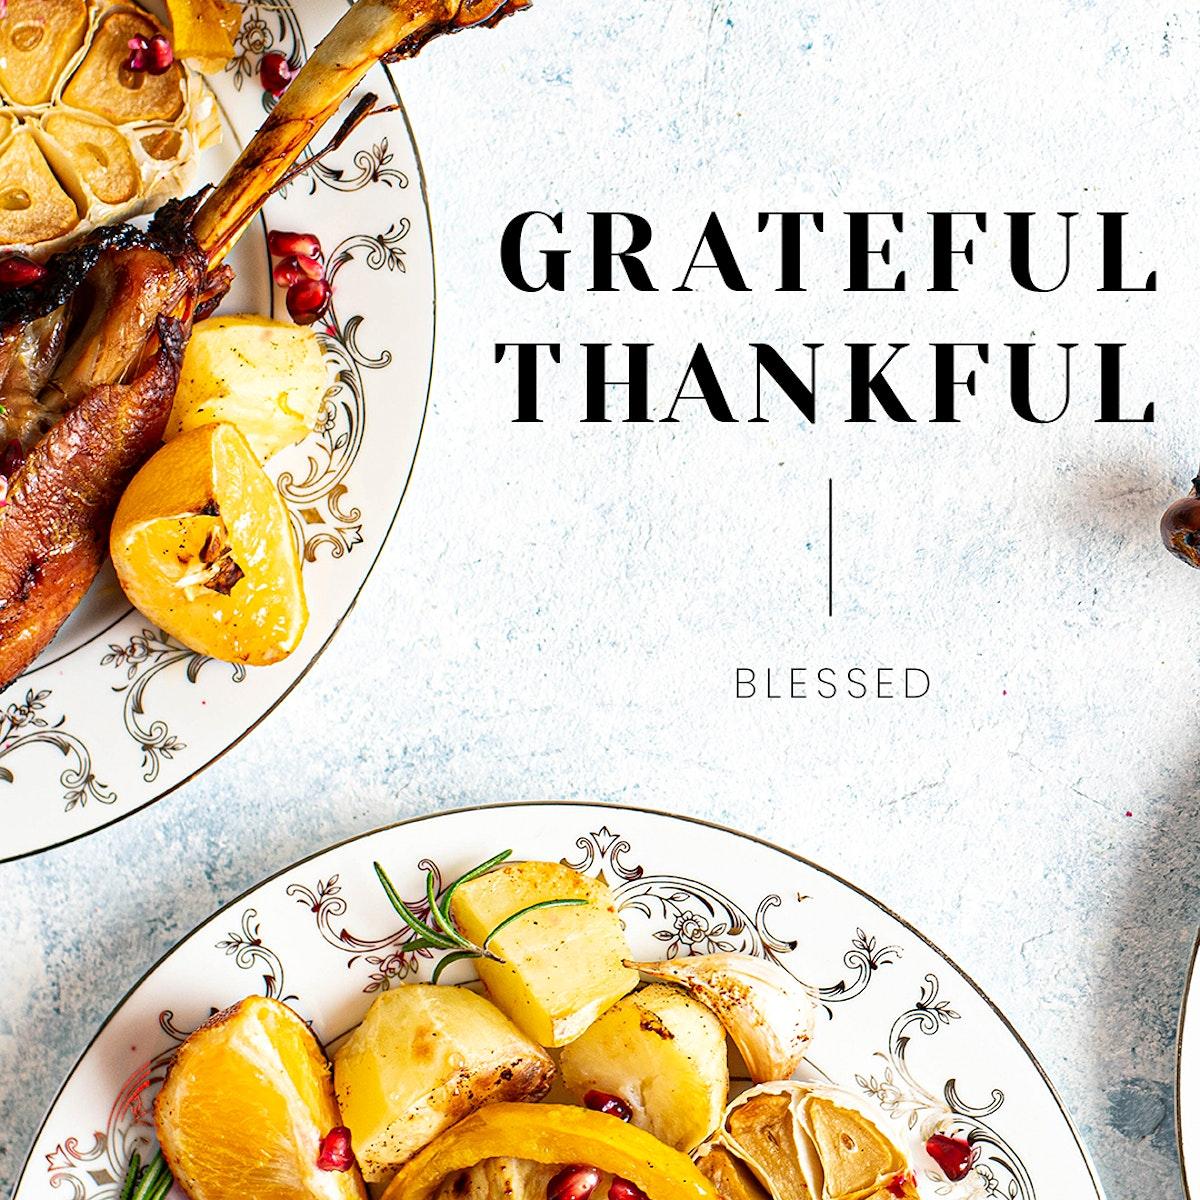 Thanksgiving dinner psd template for social media post